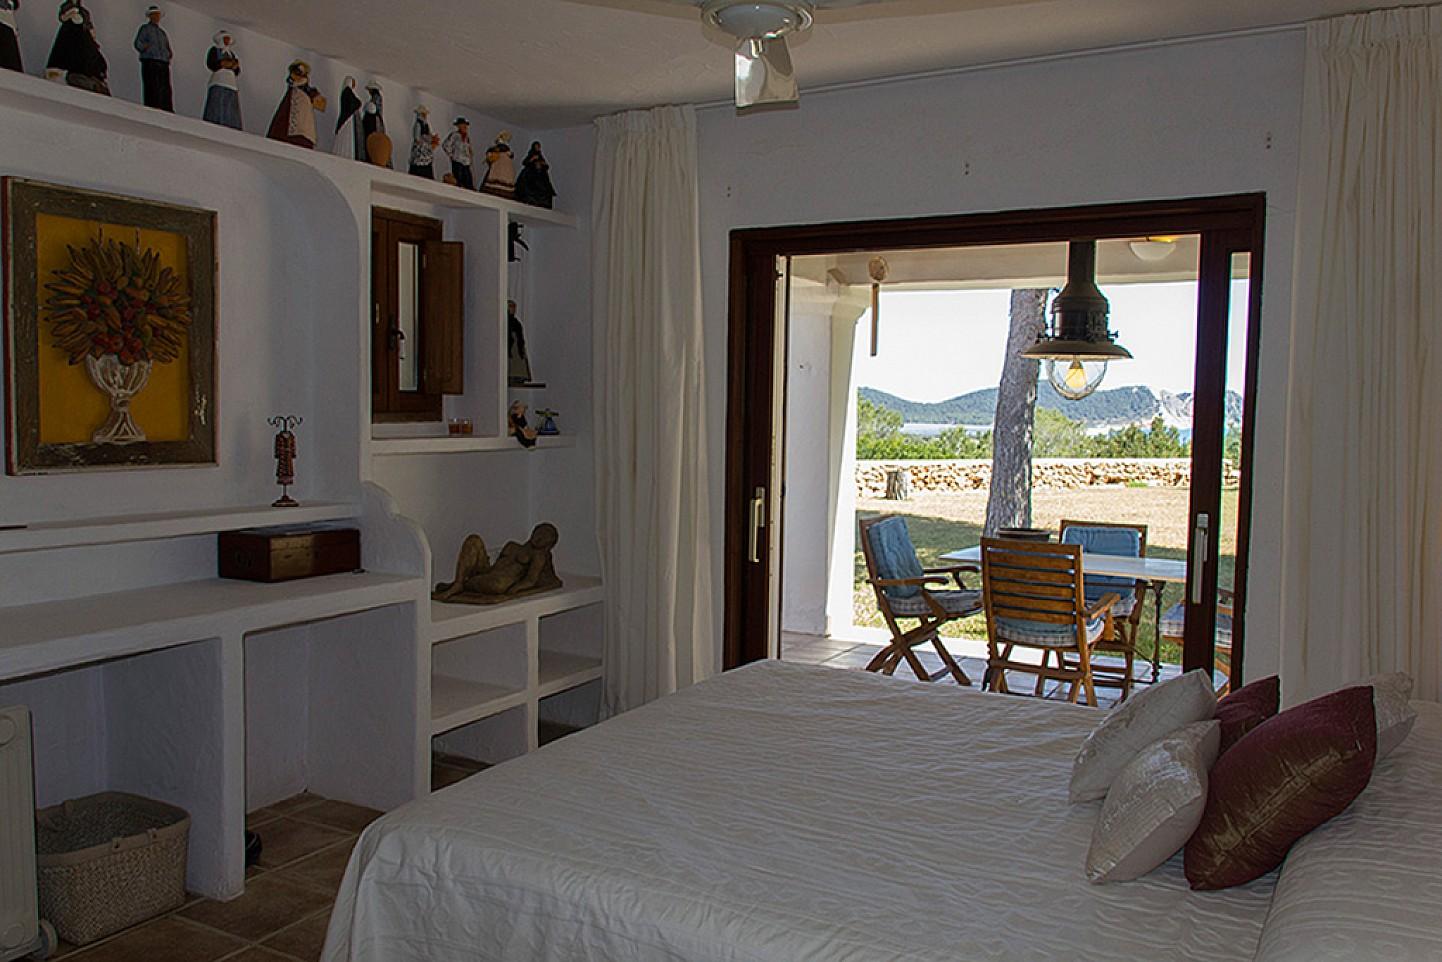 Dormitorio 1 con acceso al jardín